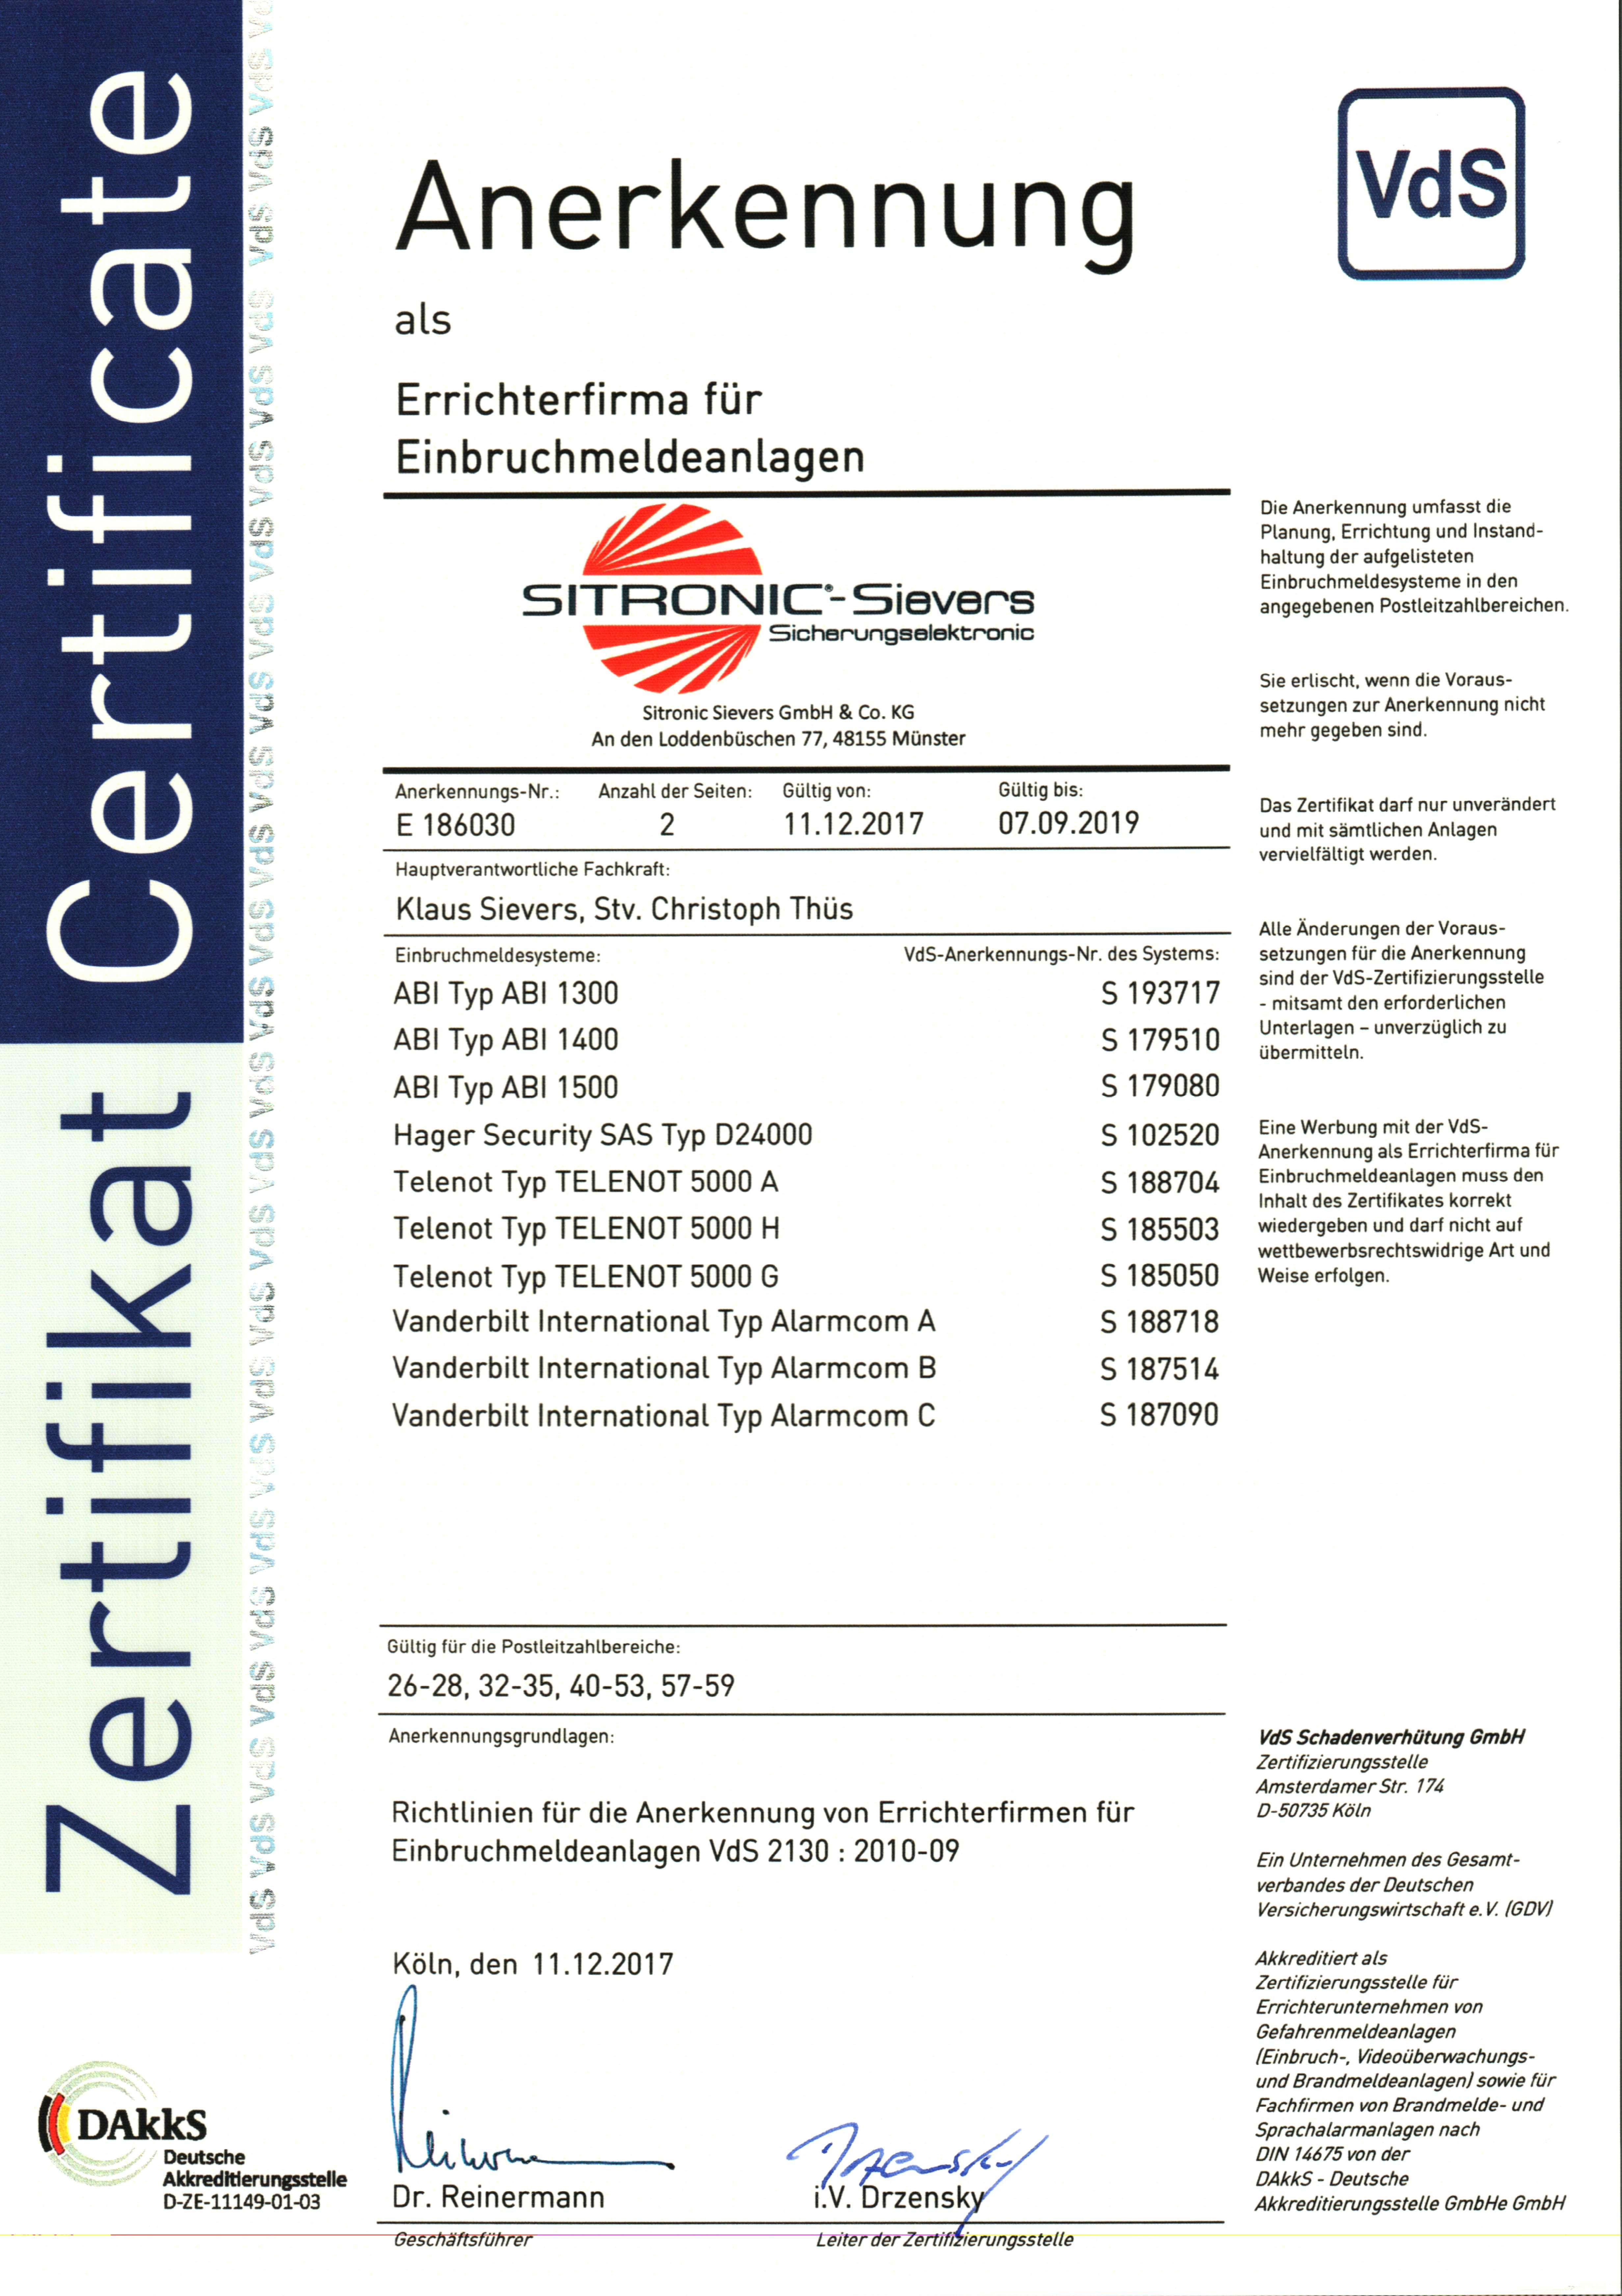 VdS-anerkannter Facherrichter für Einbruchmeldeanlagen (EMA)